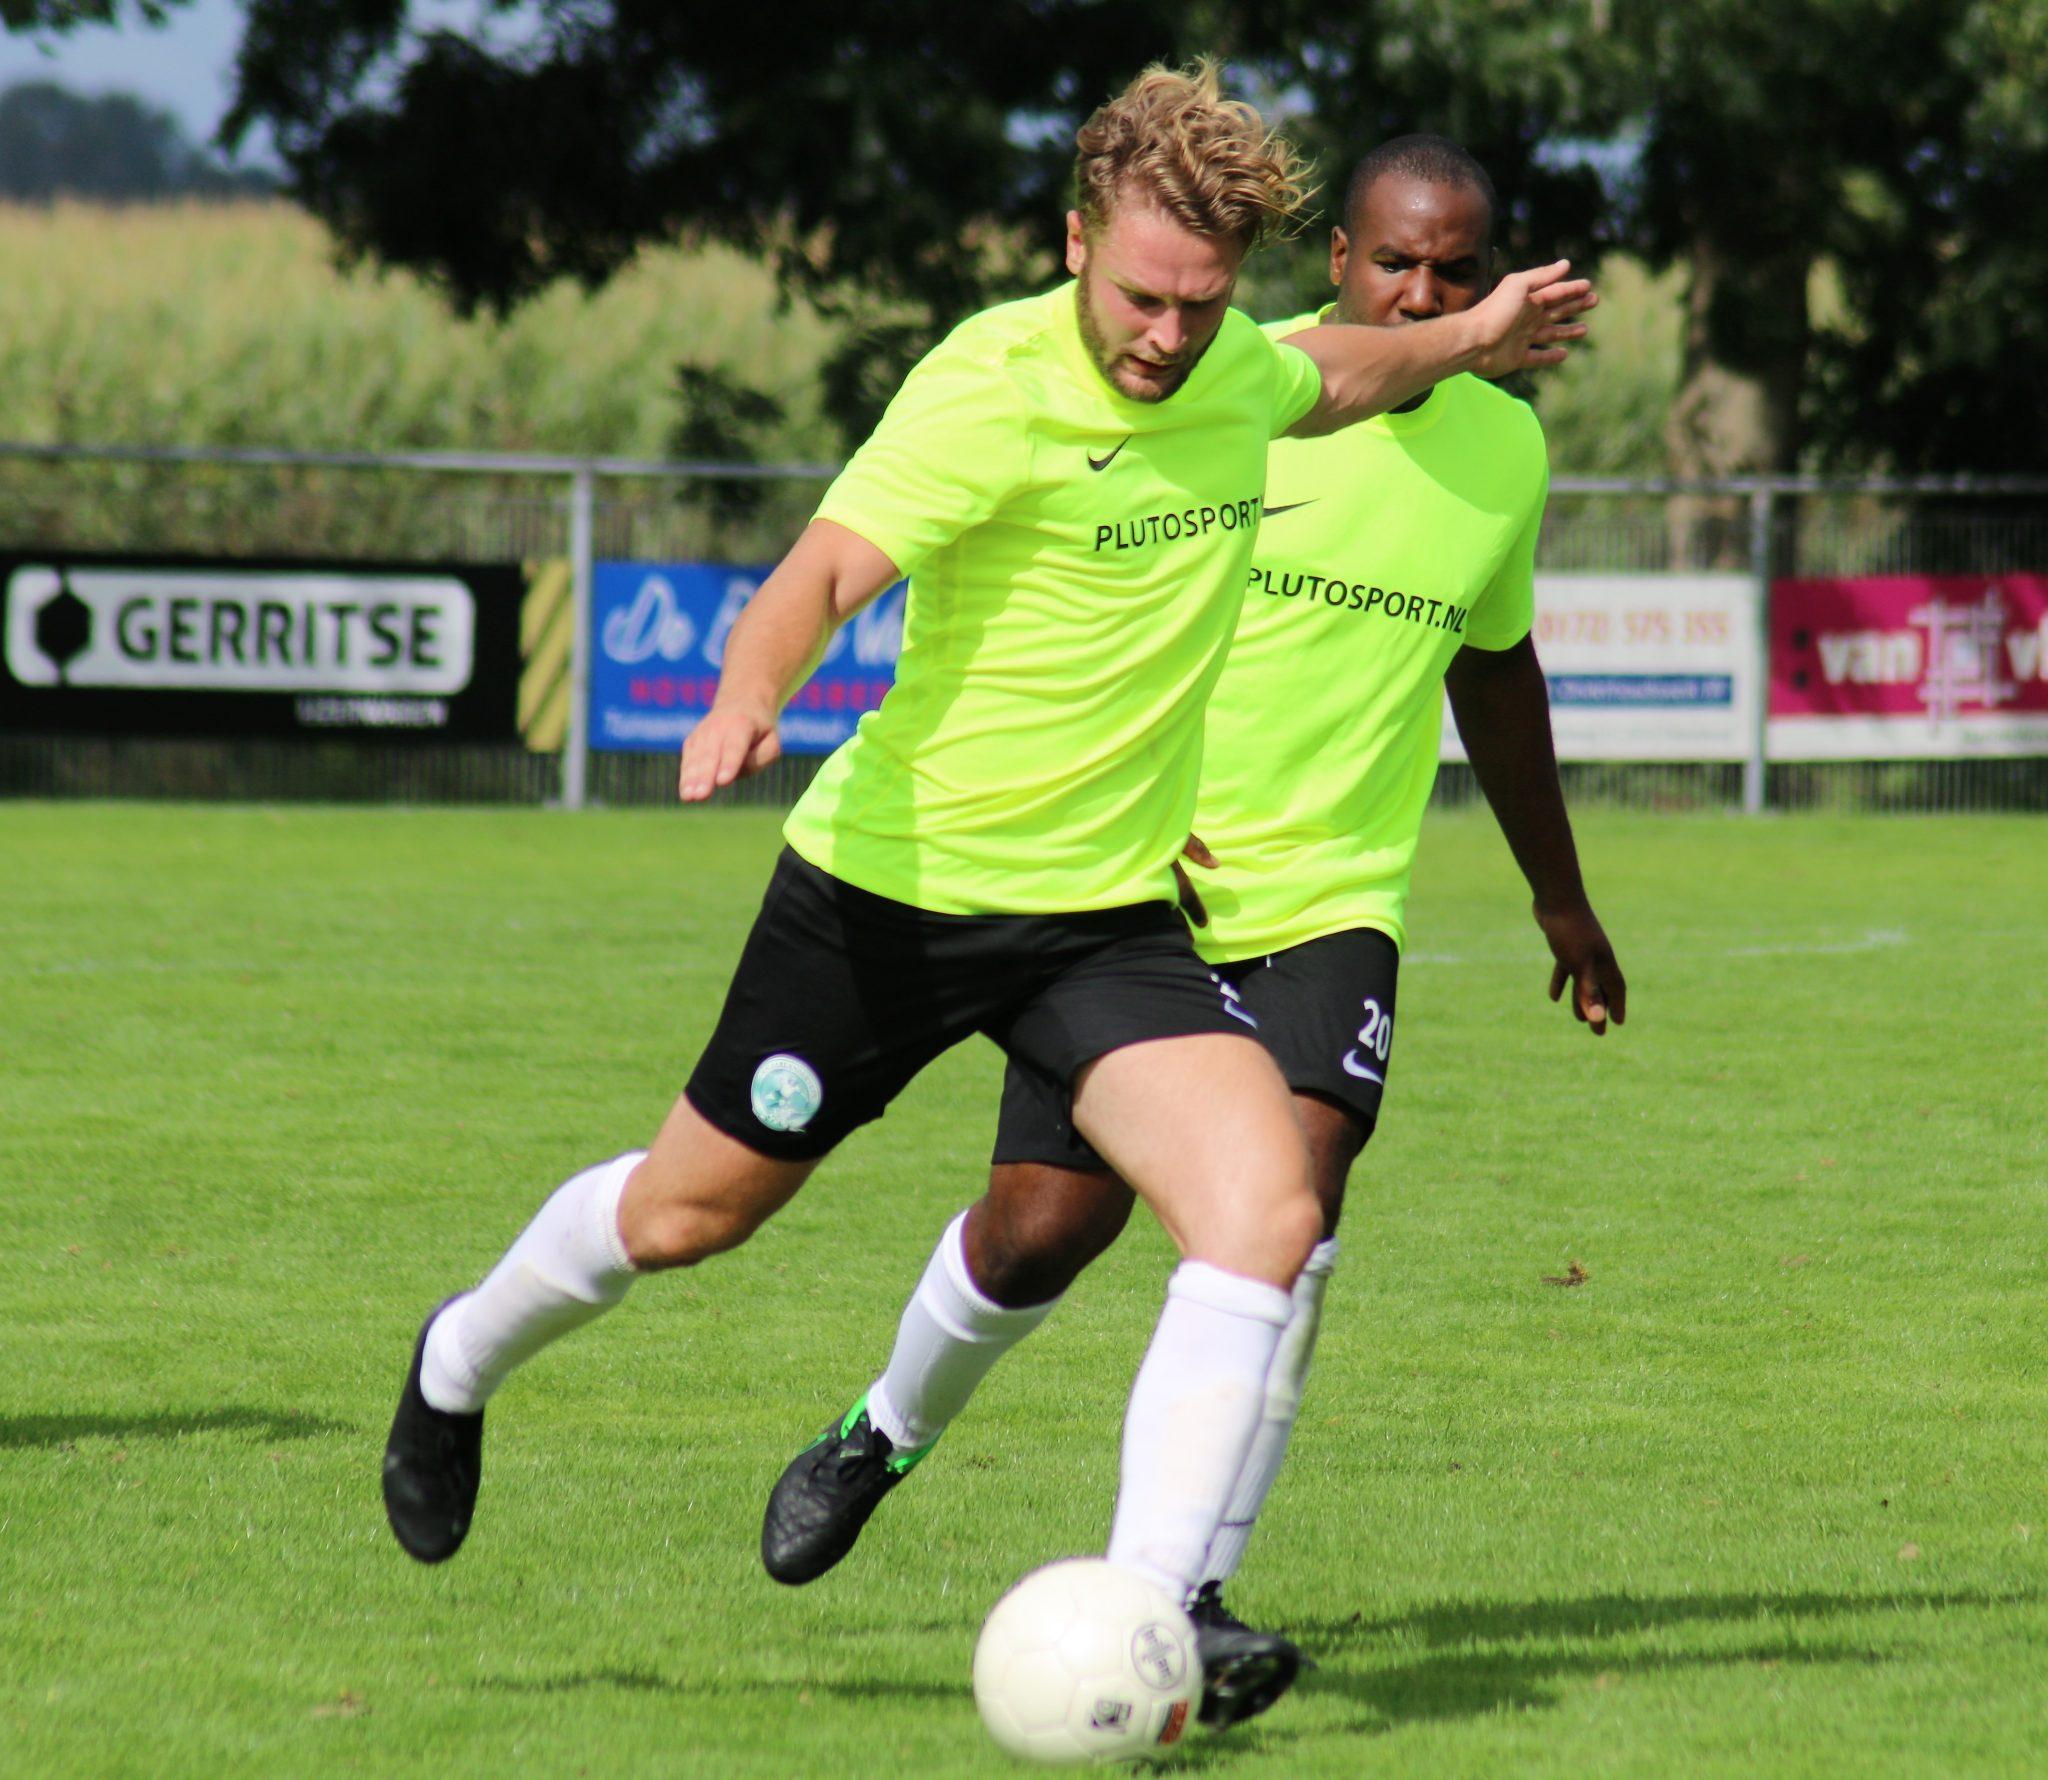 Verslag bekerwedstrijd SV Aarlanderveen - Koudekerk